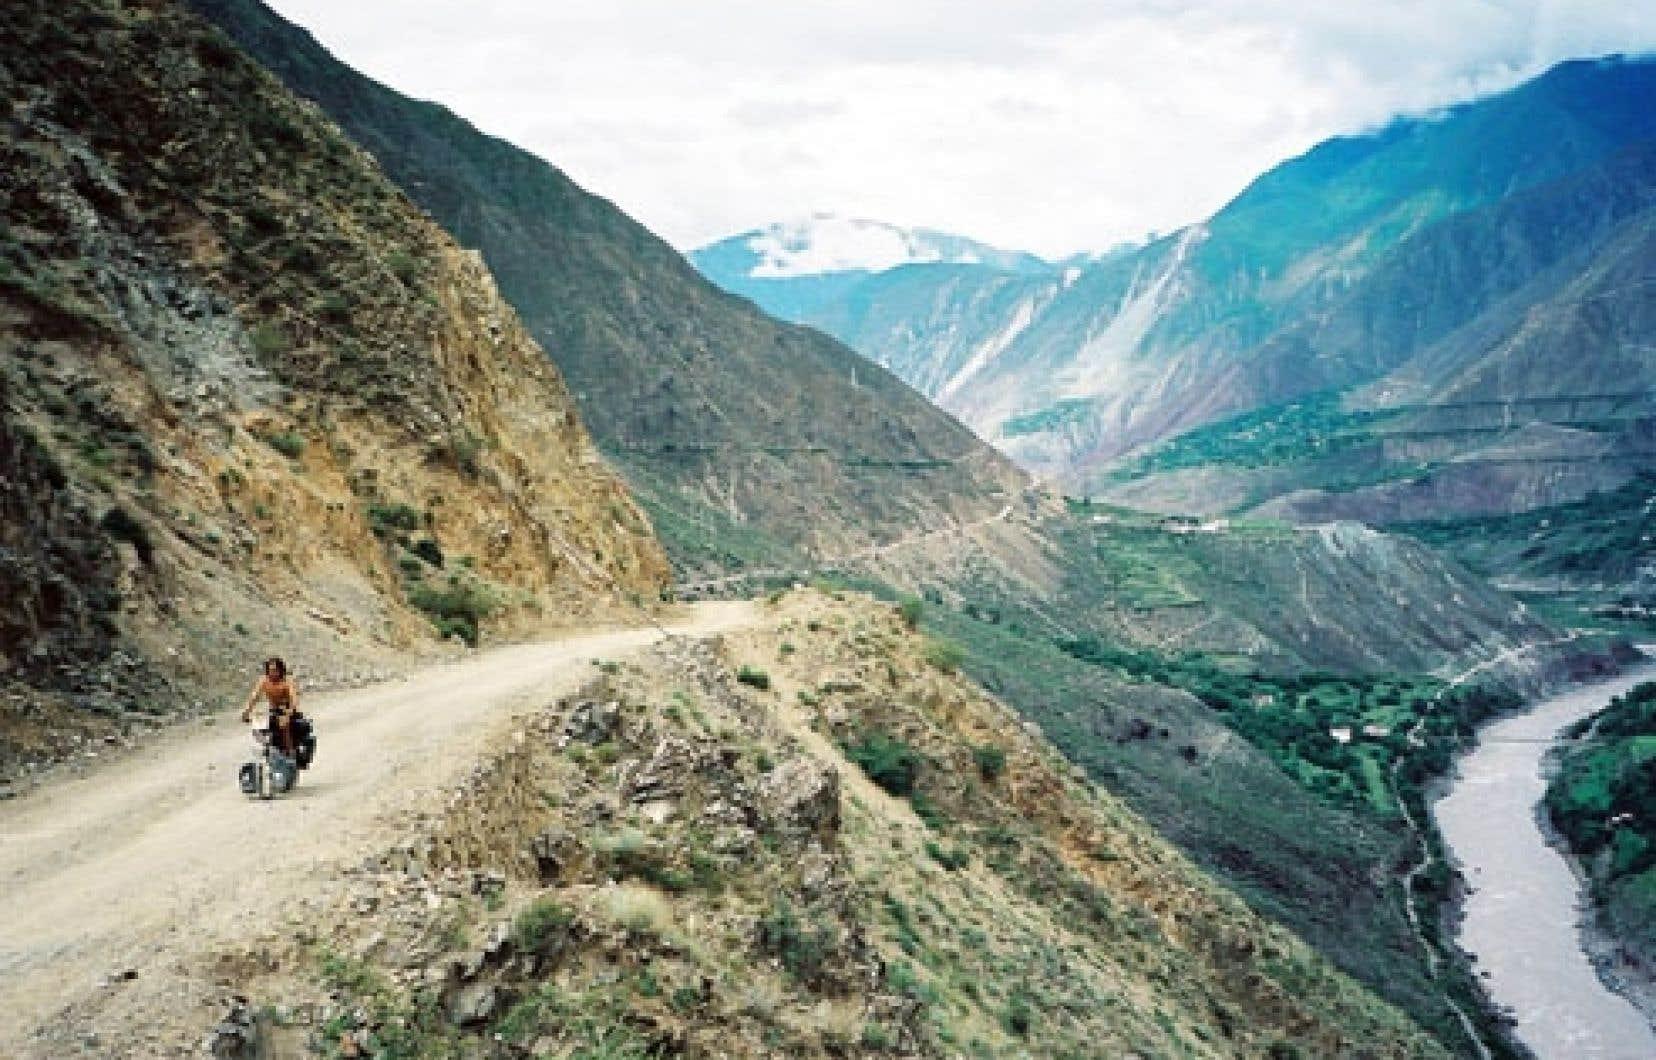 La descente sera dantesque: 60 kilomètres sur une route de gravelle en serrant les fesses.<br />